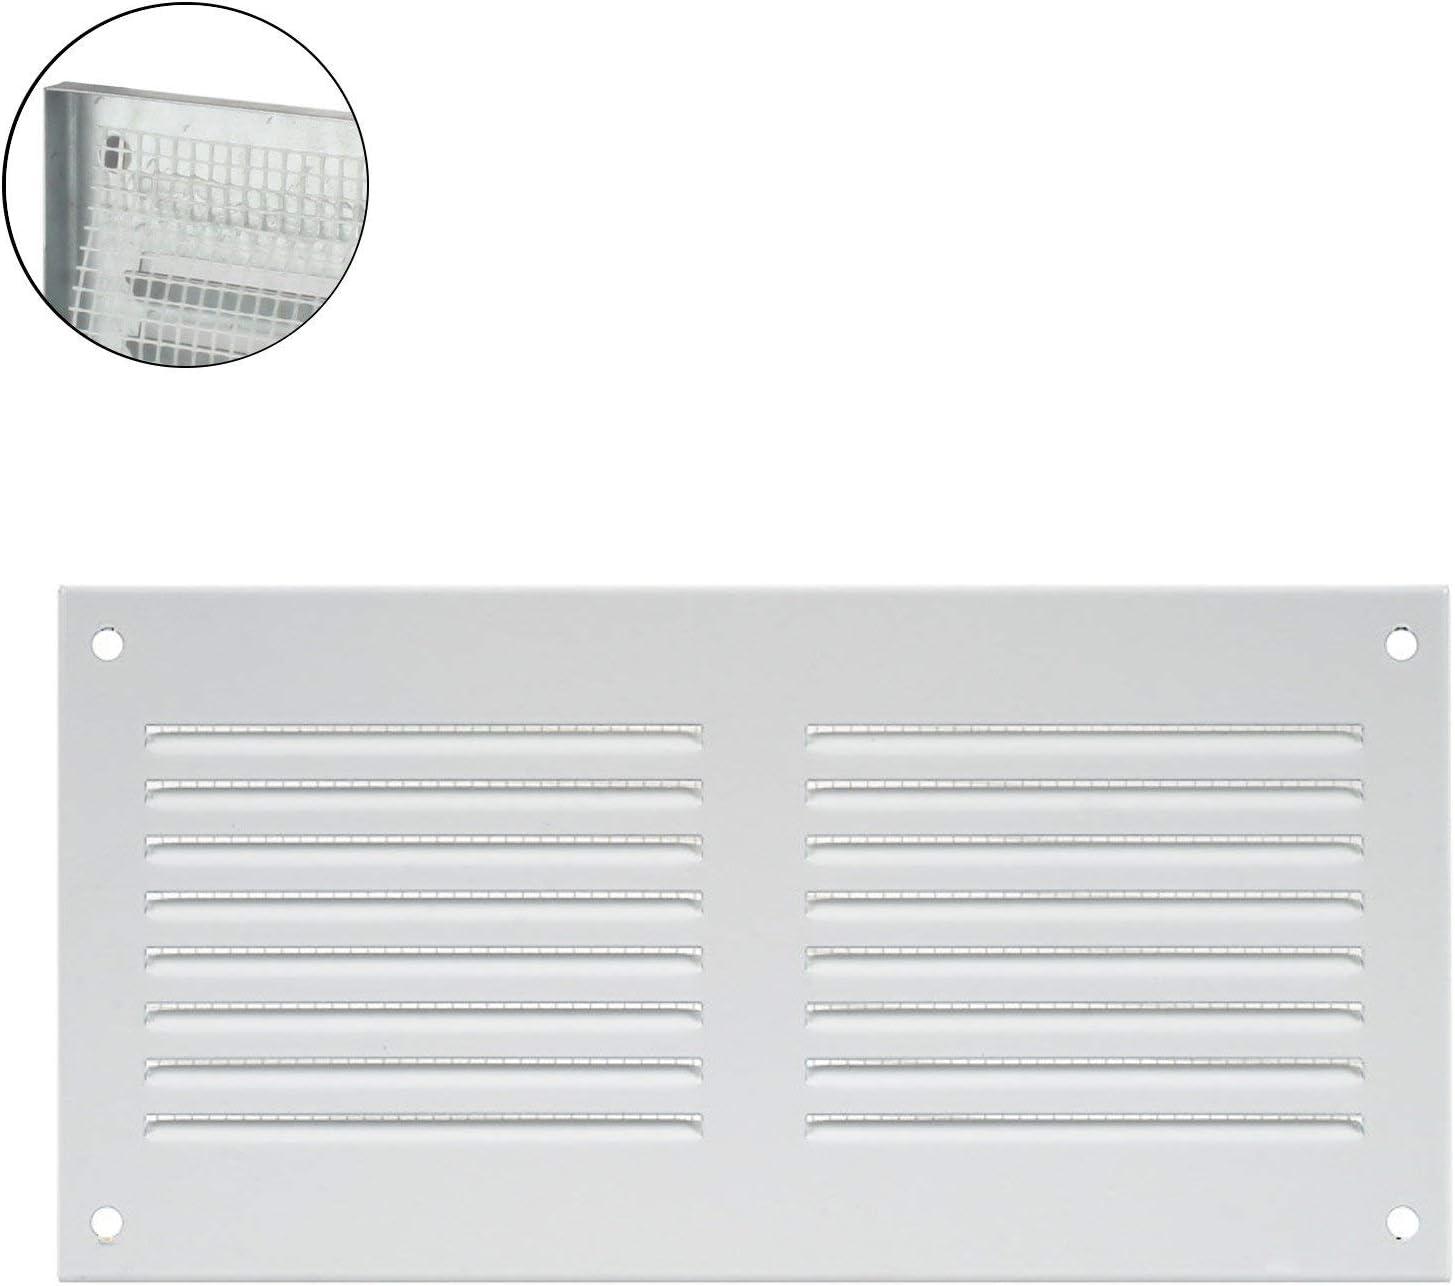 150/x 60/mm pour la salle de bain et la cuisine Lot de 2grilles de ventilation/de porte en plastique ASA de qualit/é sup/érieure blanc